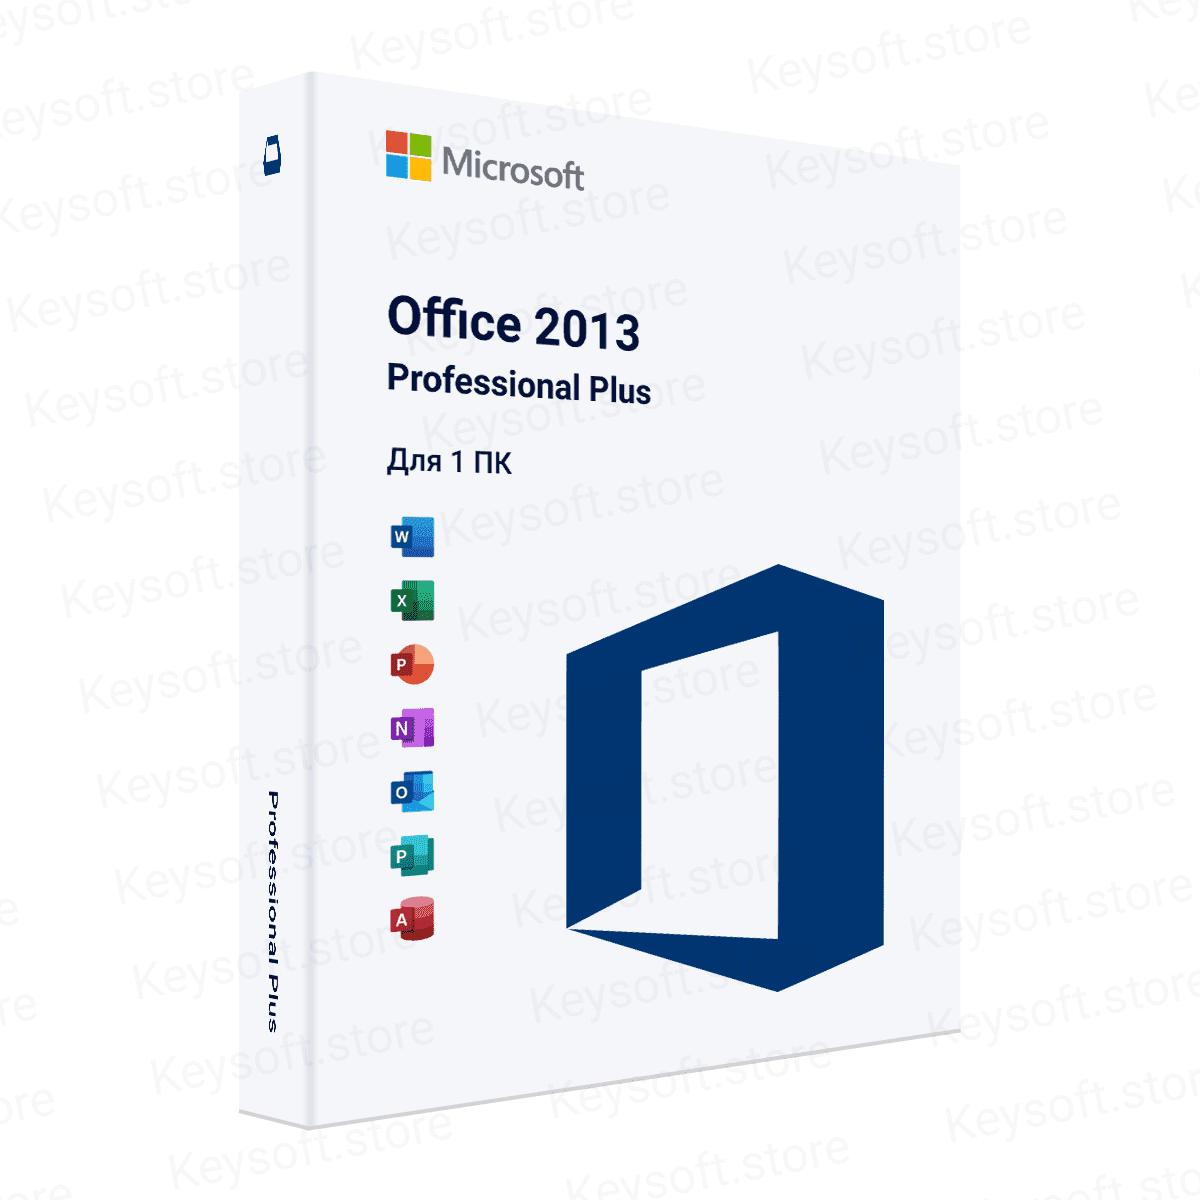 Купить лицензионные ключи активации для Microsoft Office 2013 Professional Plus - keysoft.store - Программы